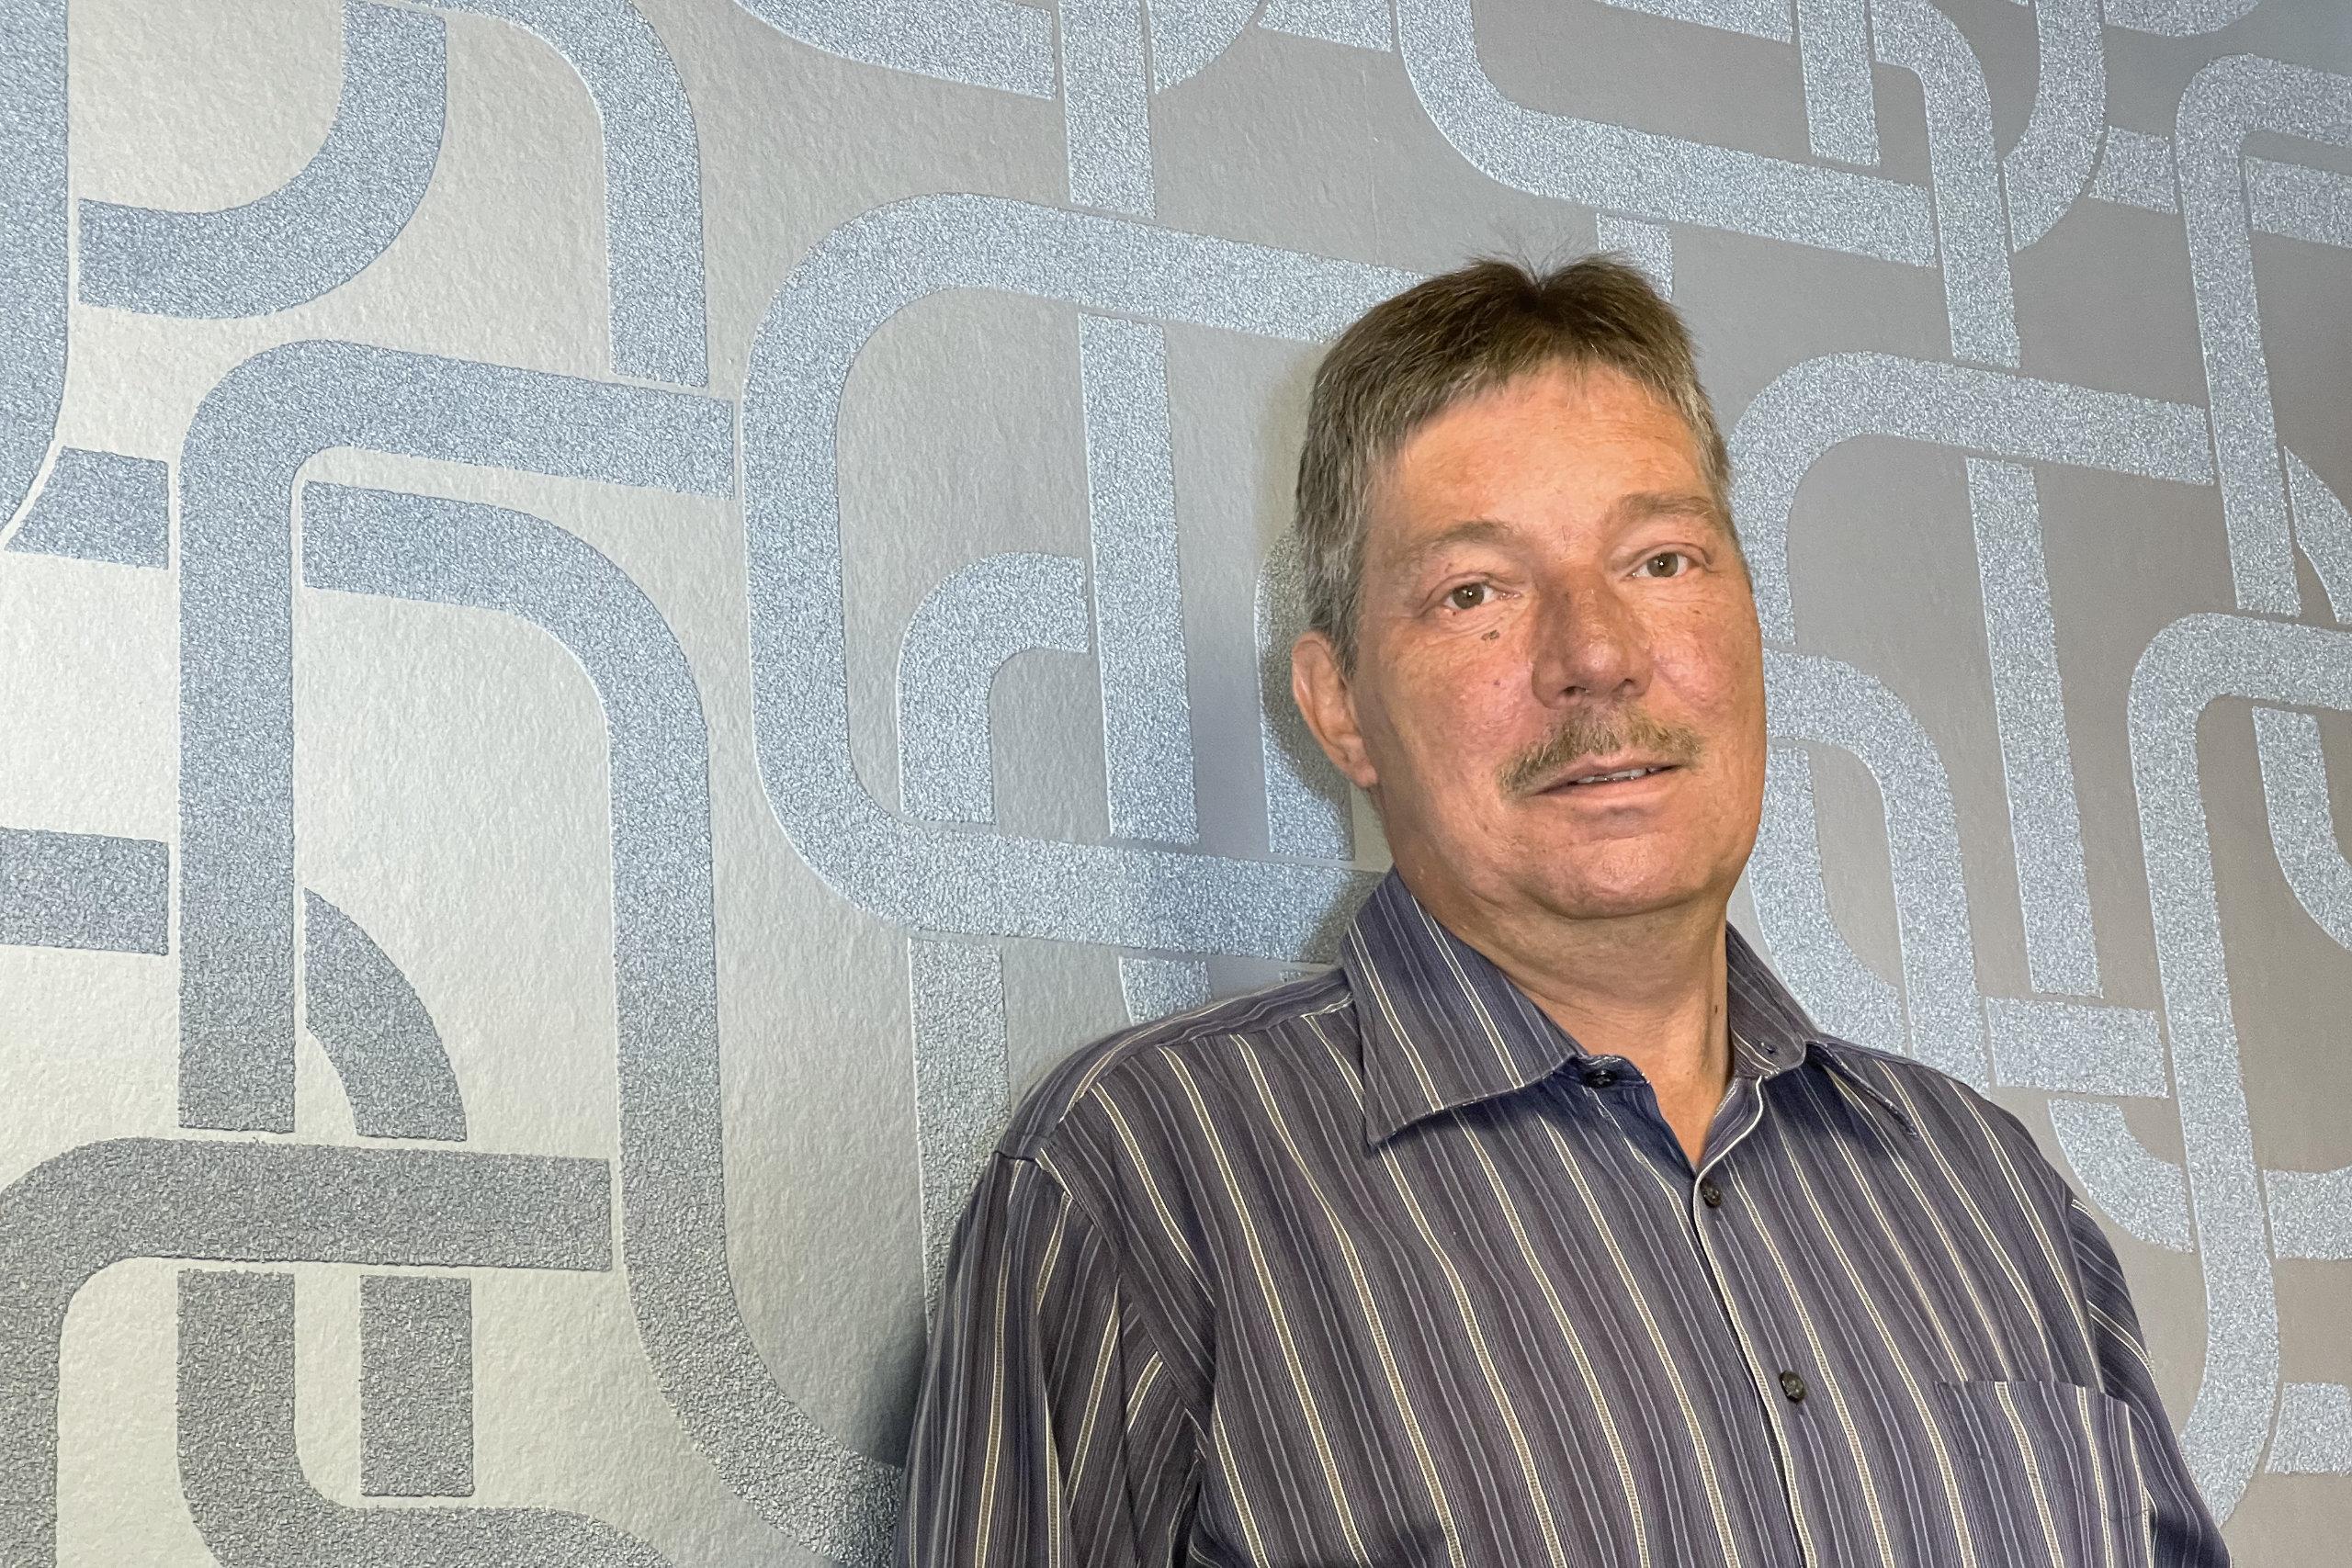 Vorarbeiter SMGV Peter Schnider